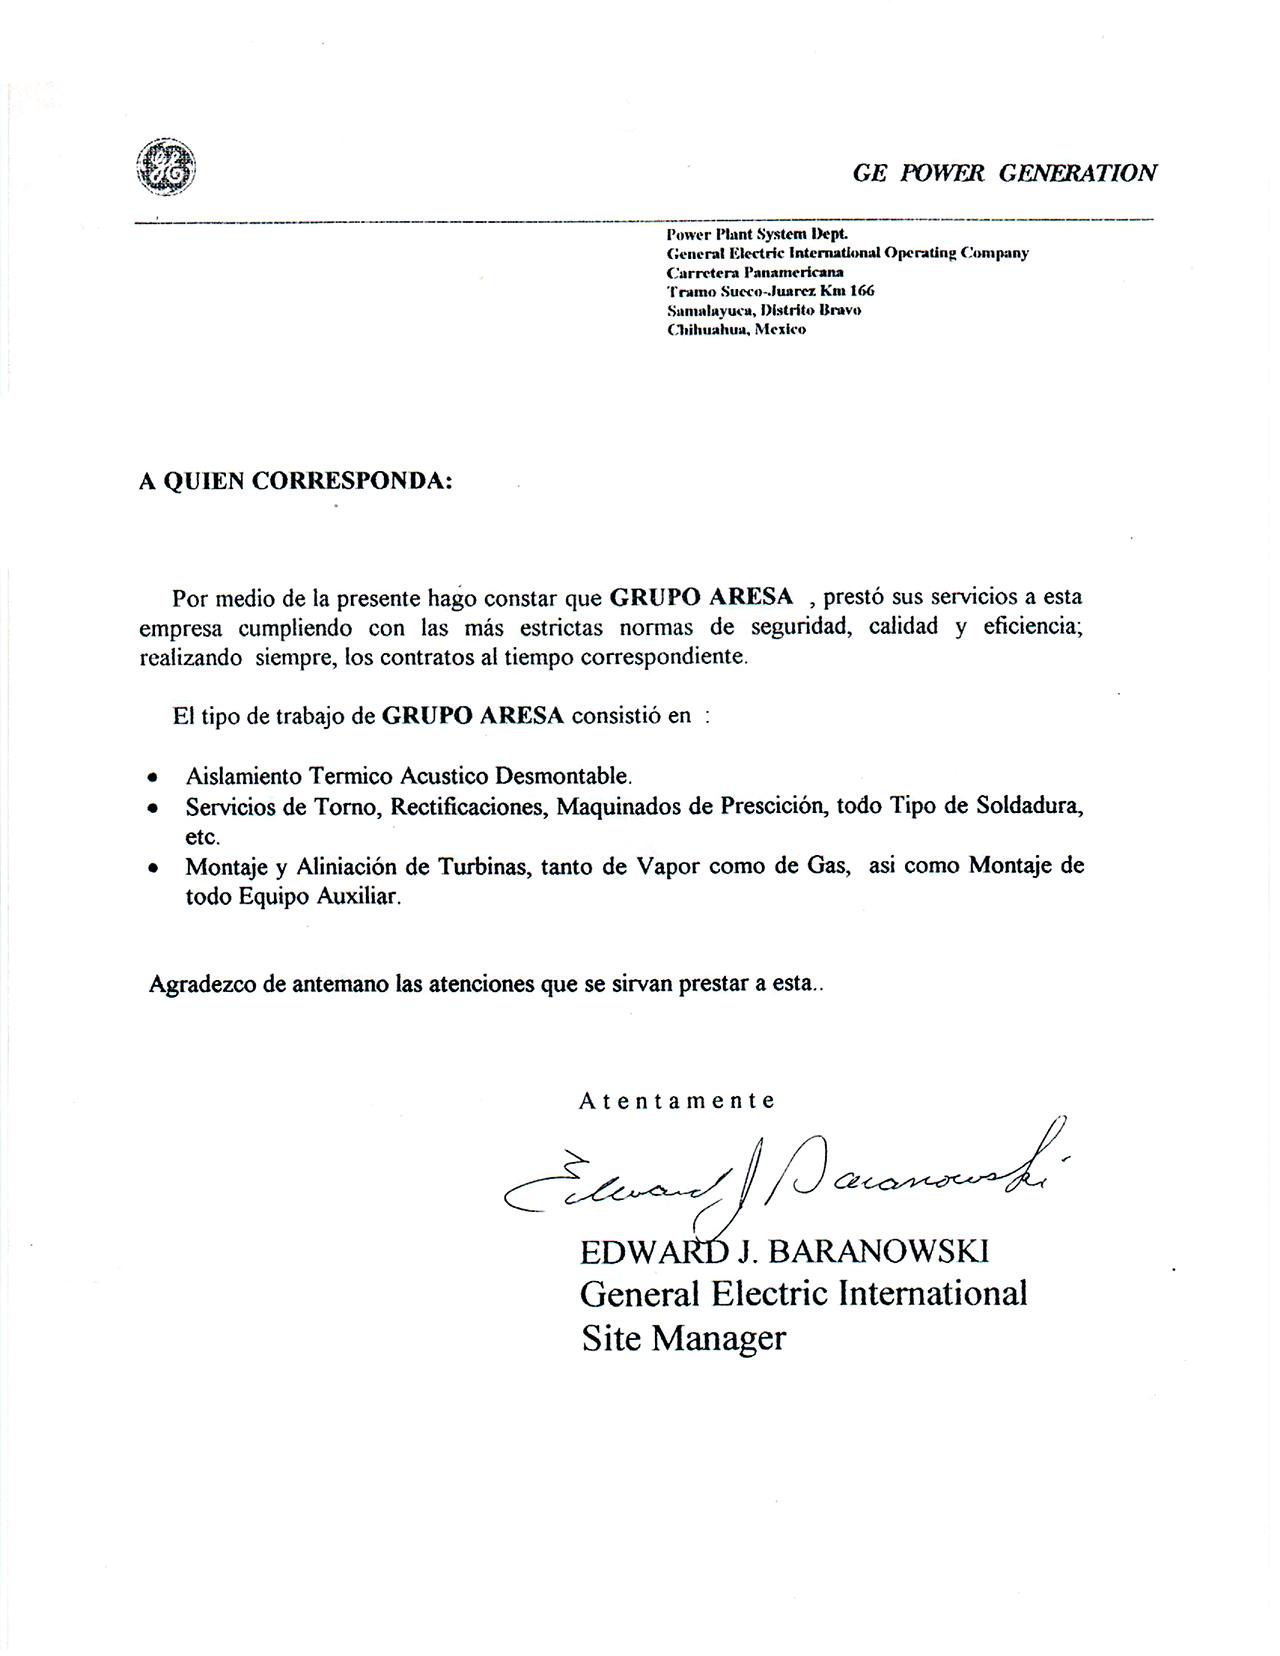 Carta testimonial GE